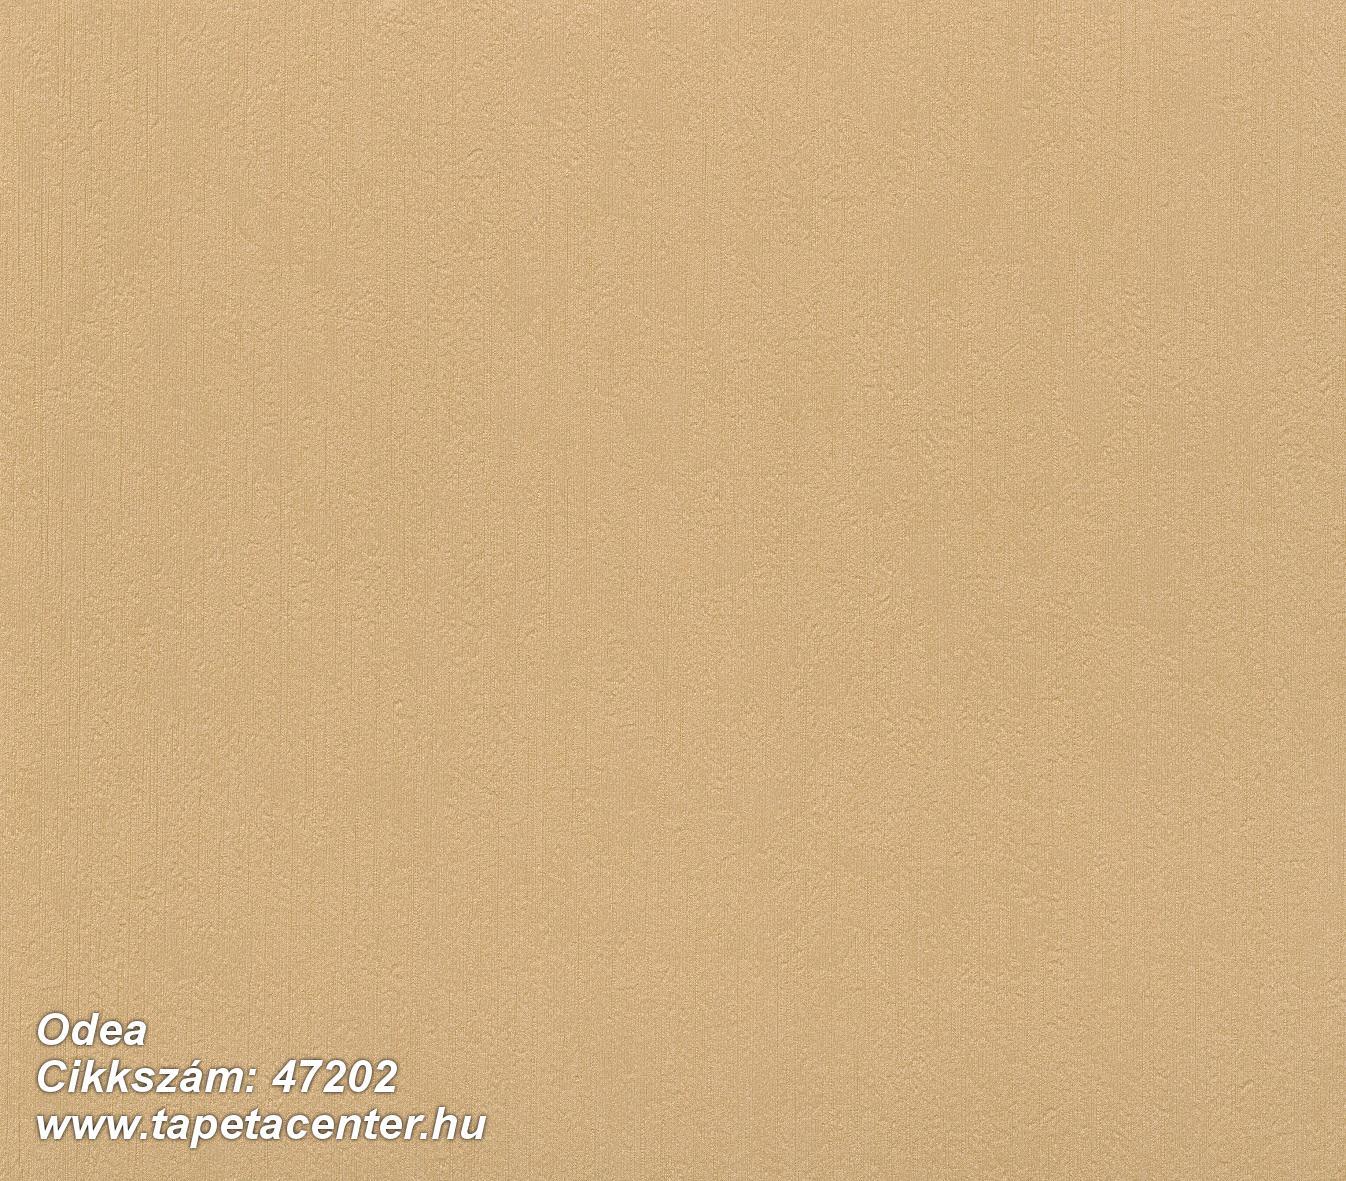 Egyszínű,különleges felületű,textil hatású,arany,súrolható,illesztés mentes,vlies tapéta